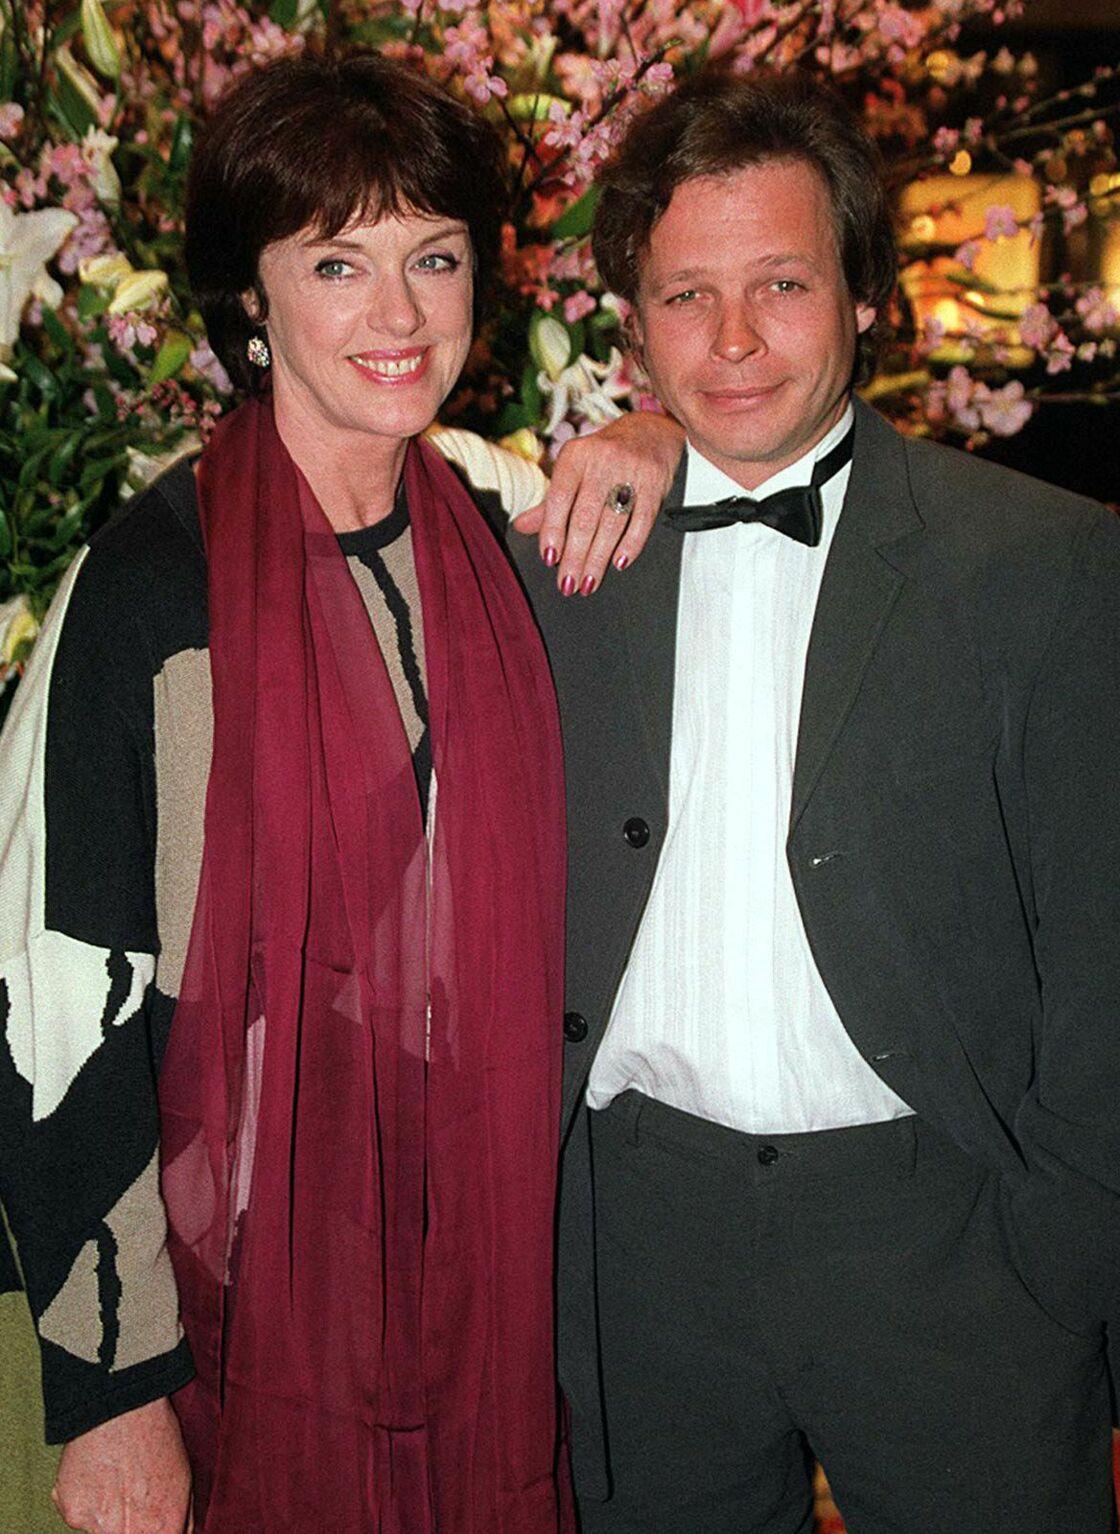 Anny Duperey et Cris Campion, son compagnon de 19 ans son cadet, en 2001.